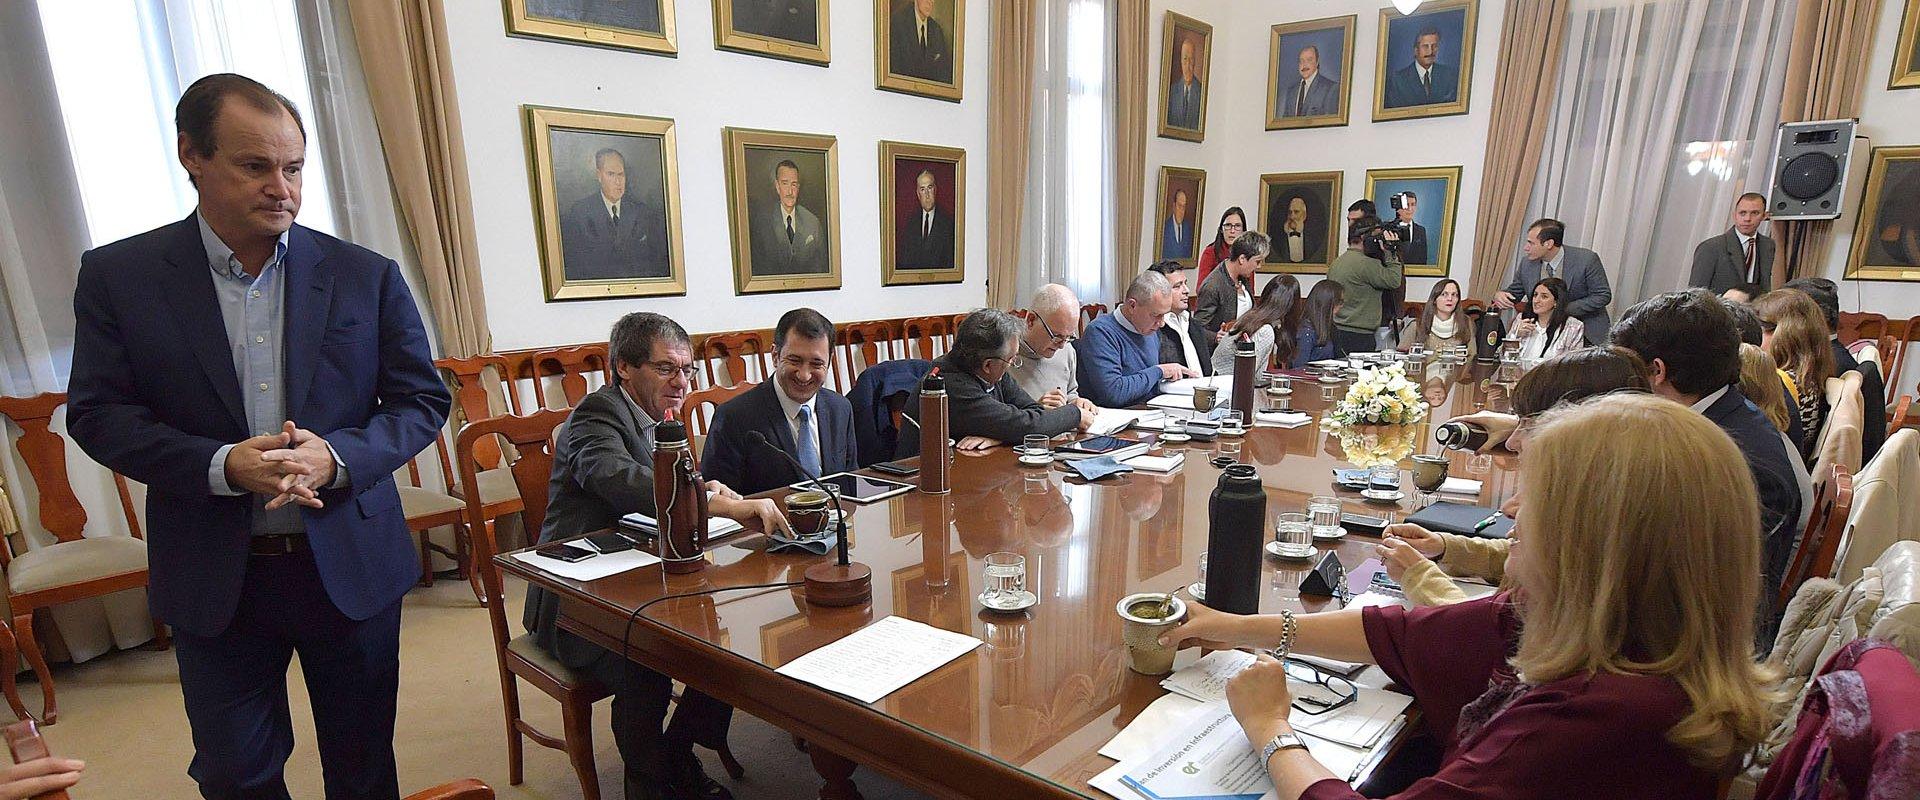 - El gobernador Gustavo Bordet firmó los decretos para iniciar las obras de restauración y ampliación de dos escuelas en Gualeguay y Gualeguaychú, y del colector cloacal y lagunas de tratamiento en Feliciano; La inversión provincial supera los 48 millones de pesos